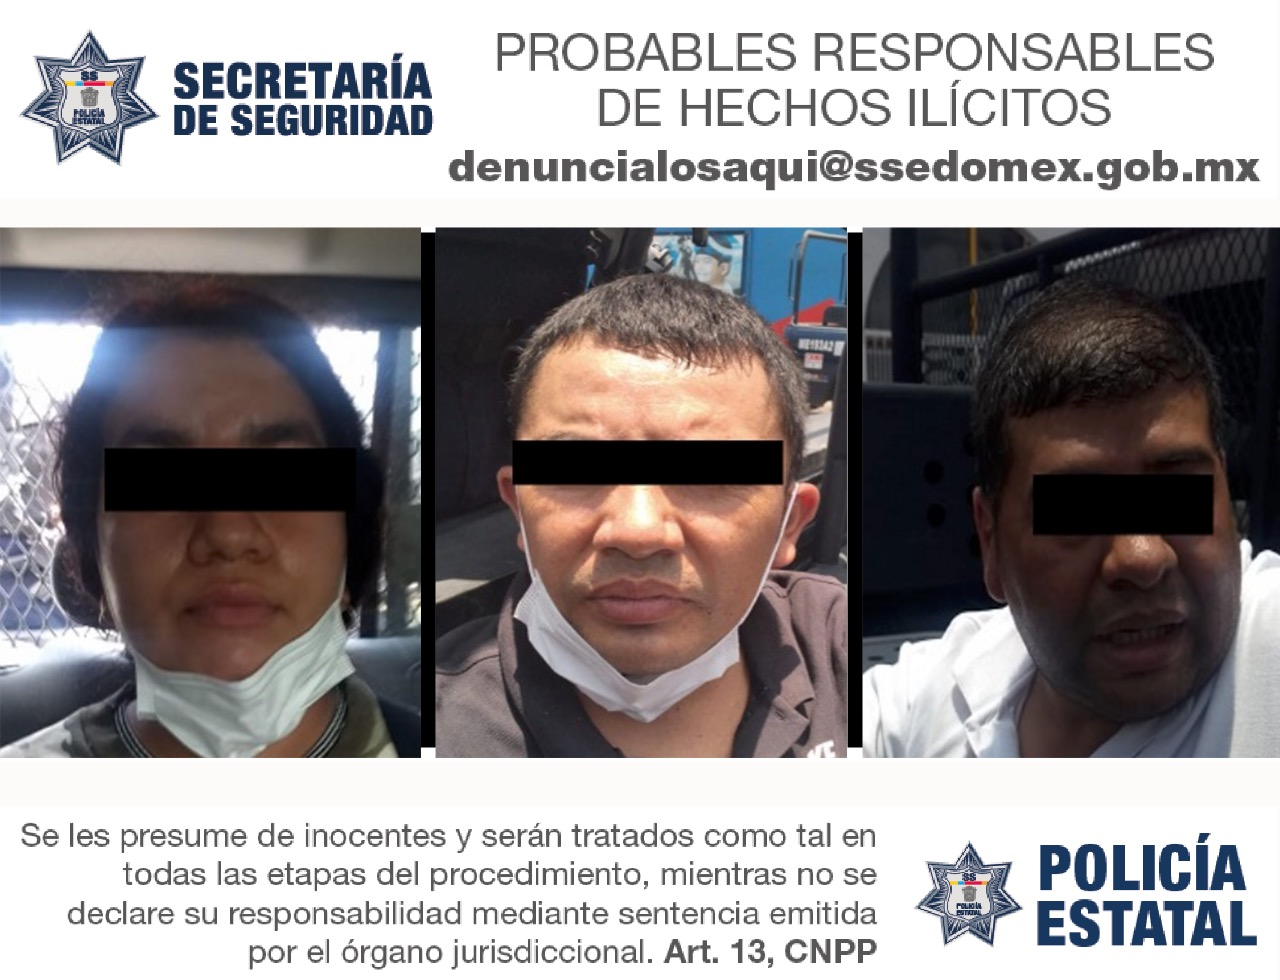 DETIENEN A TRES PROBABLES RESPONSABLES DE ROBO A CASA HABITACIÓN EN COACALCO